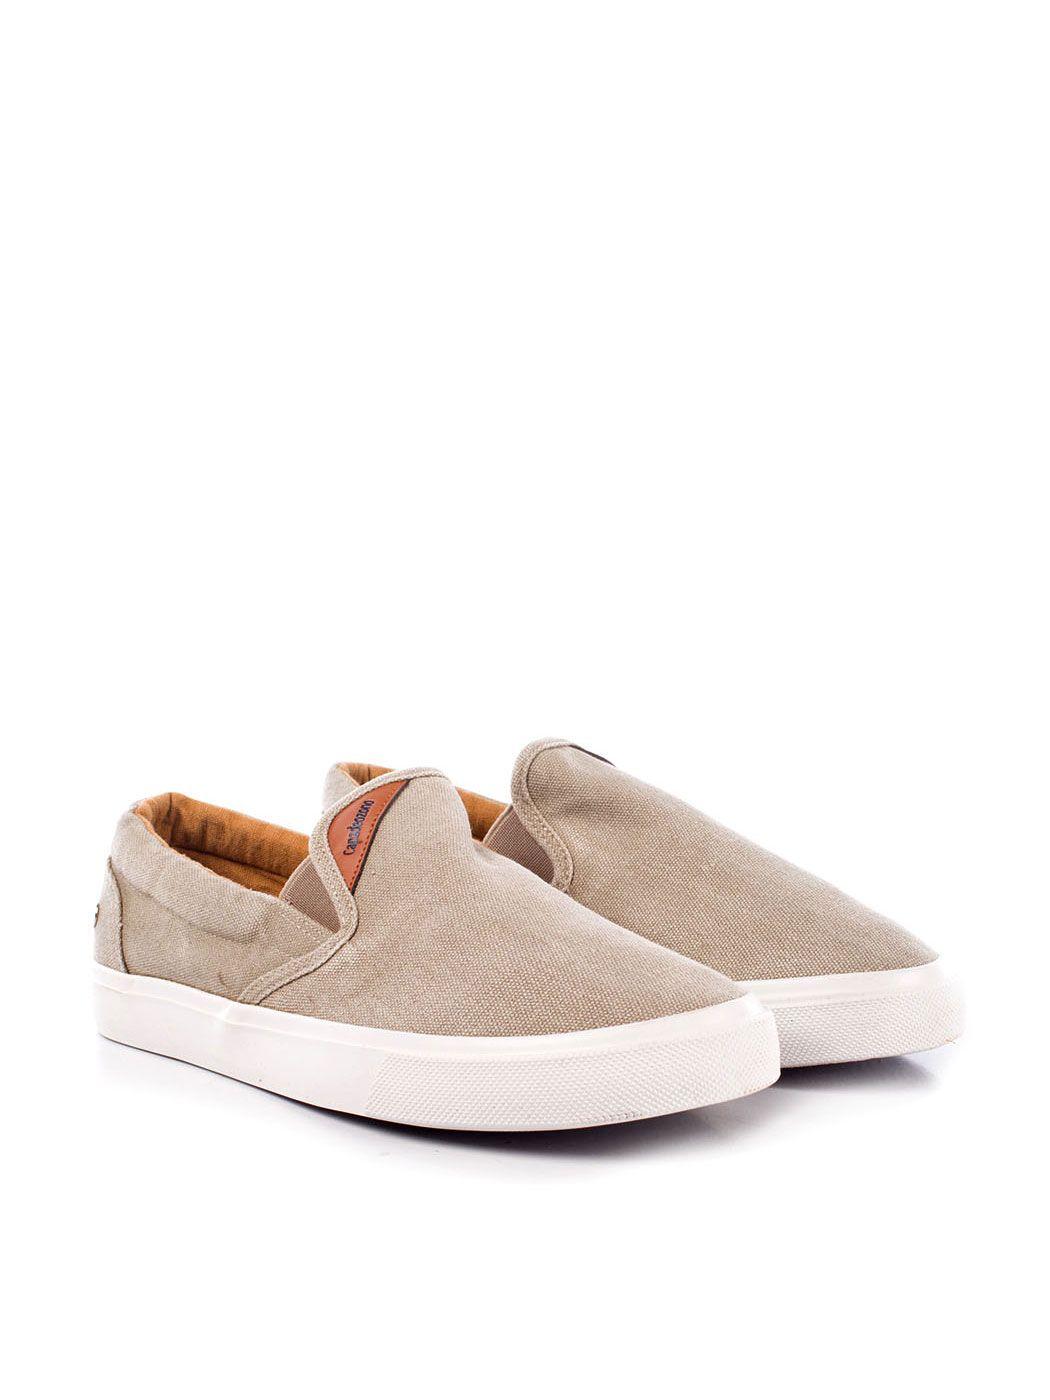 1fd0a6f5 Adquiere en www.clickonero.com.mx ... Zapatos Capa de Ozono... Camina con  estilo... #fashion #moda #zapatos #tenis #plataforma #hombre